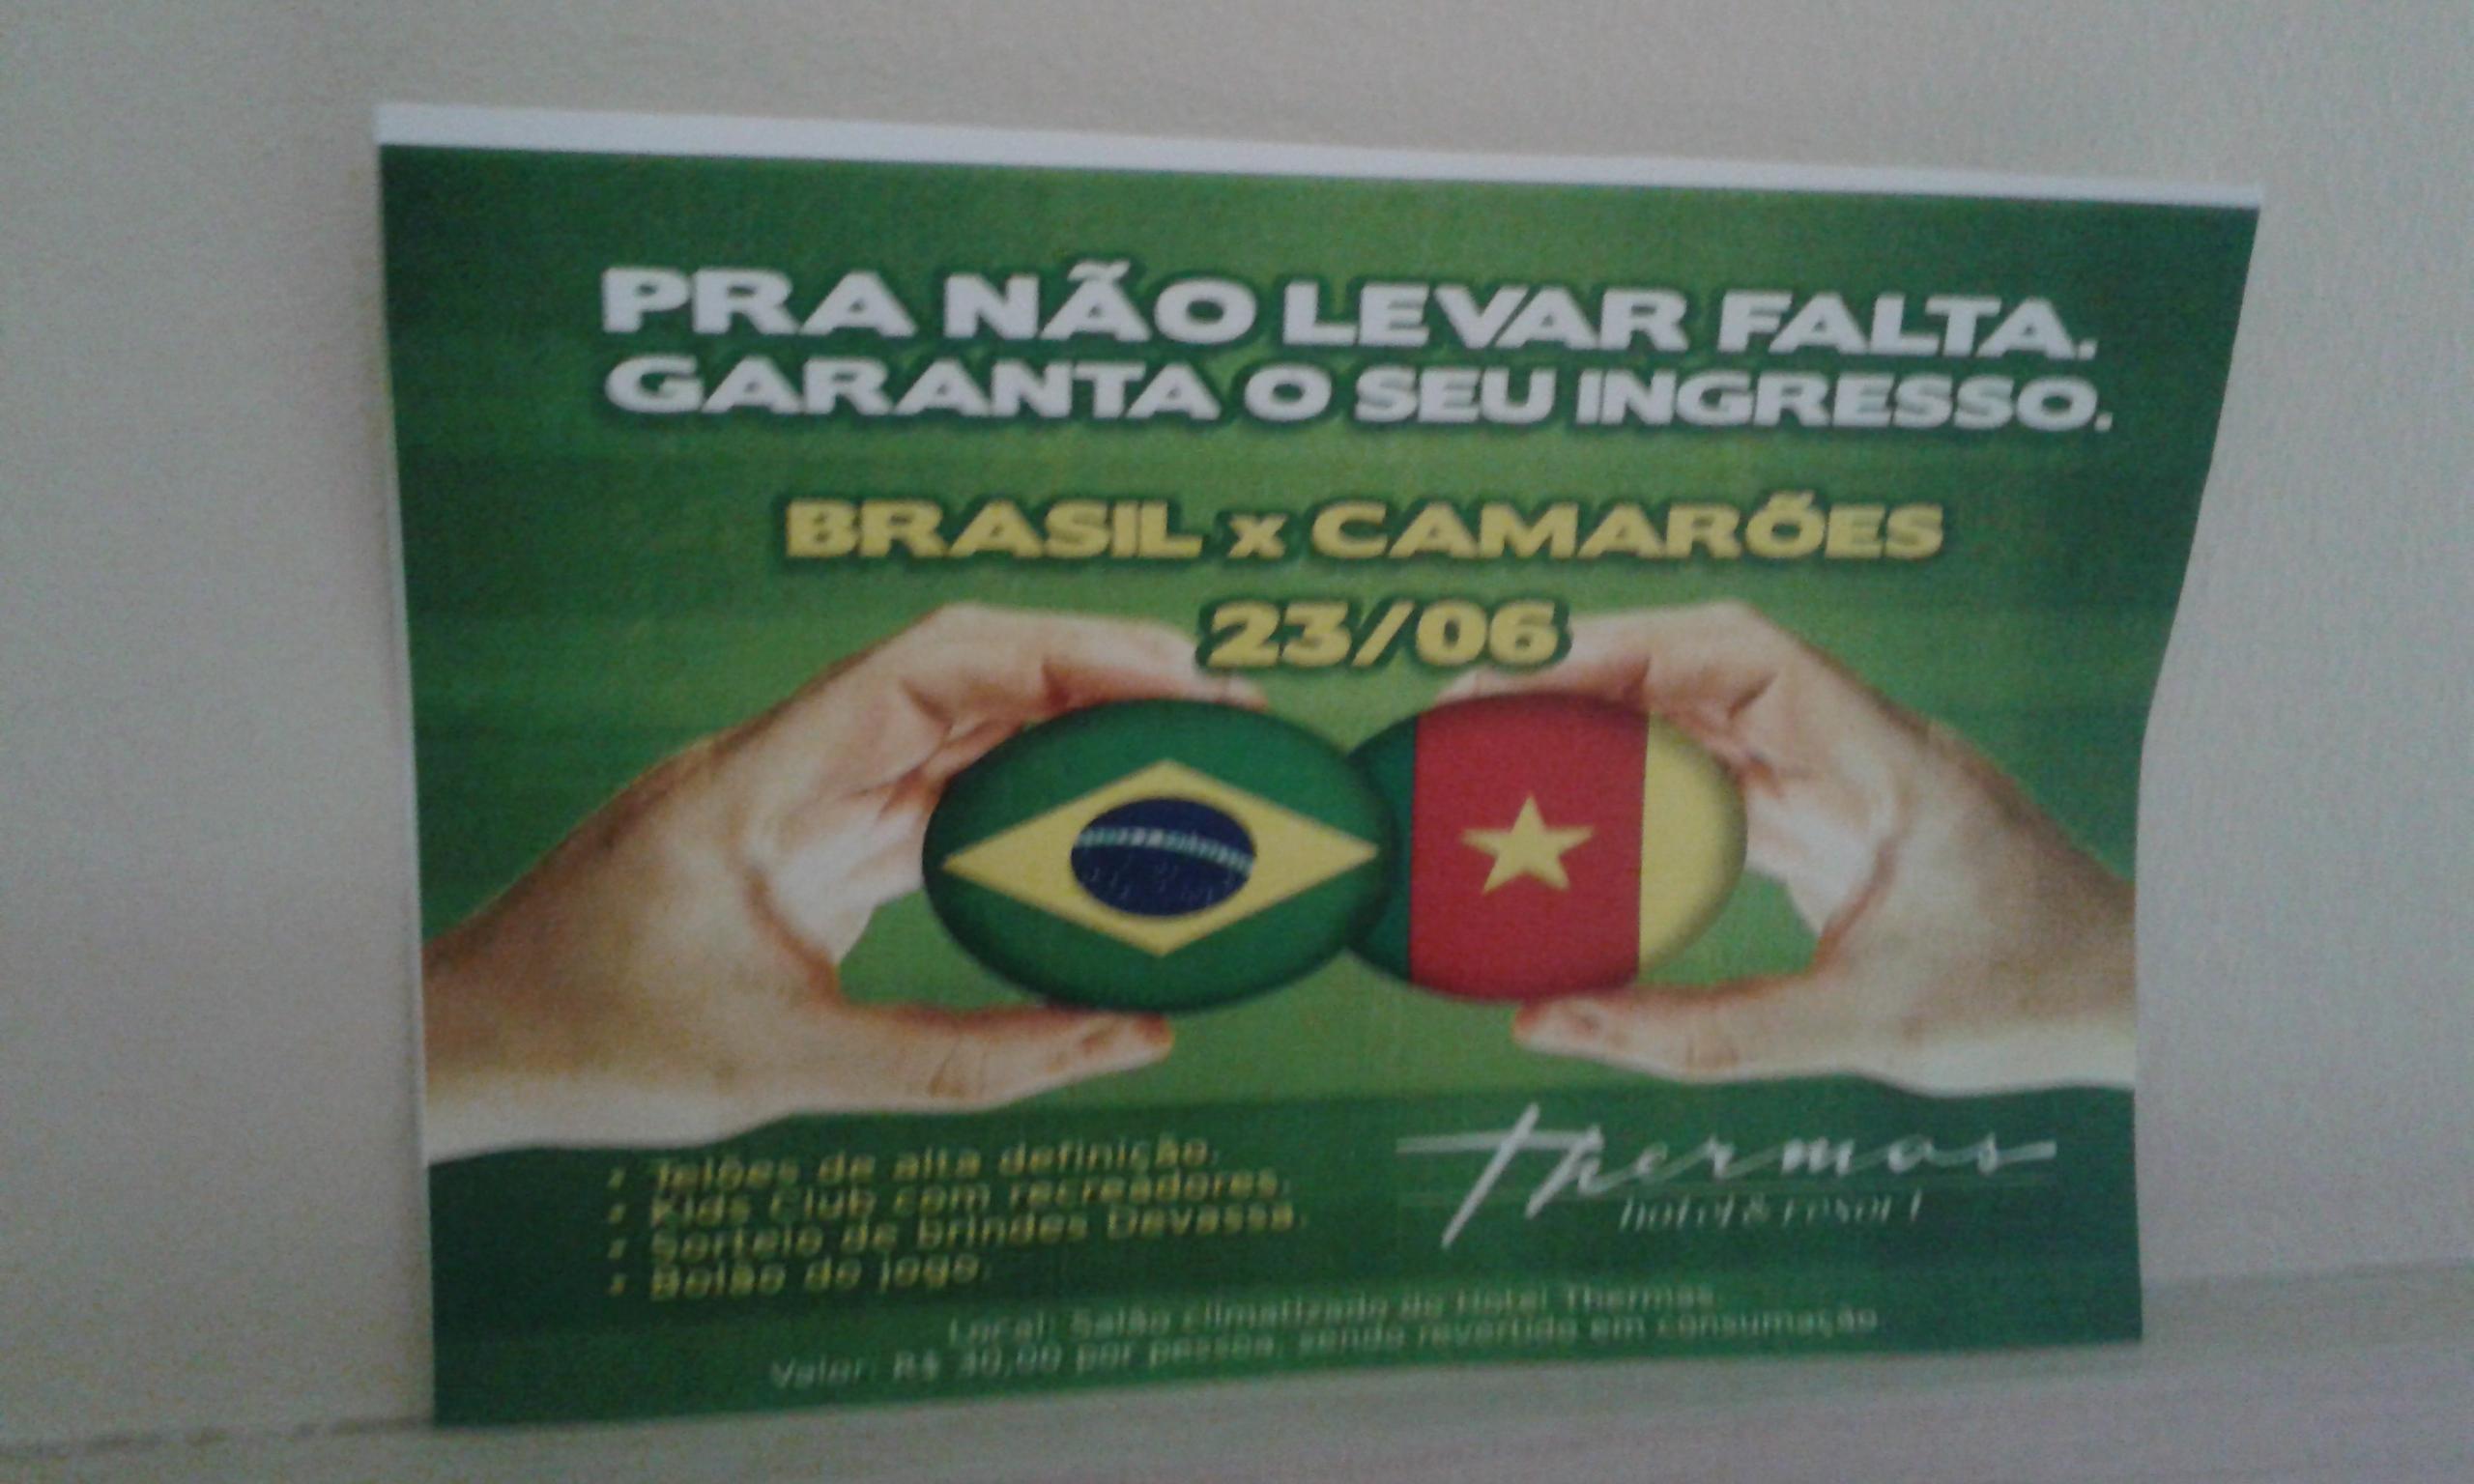 Le ticket nécessaire pour regarder le match de foot Brésil - Cameroun au hôtel Thermas Mossoró. (Crédit photo: Fabio Santana).